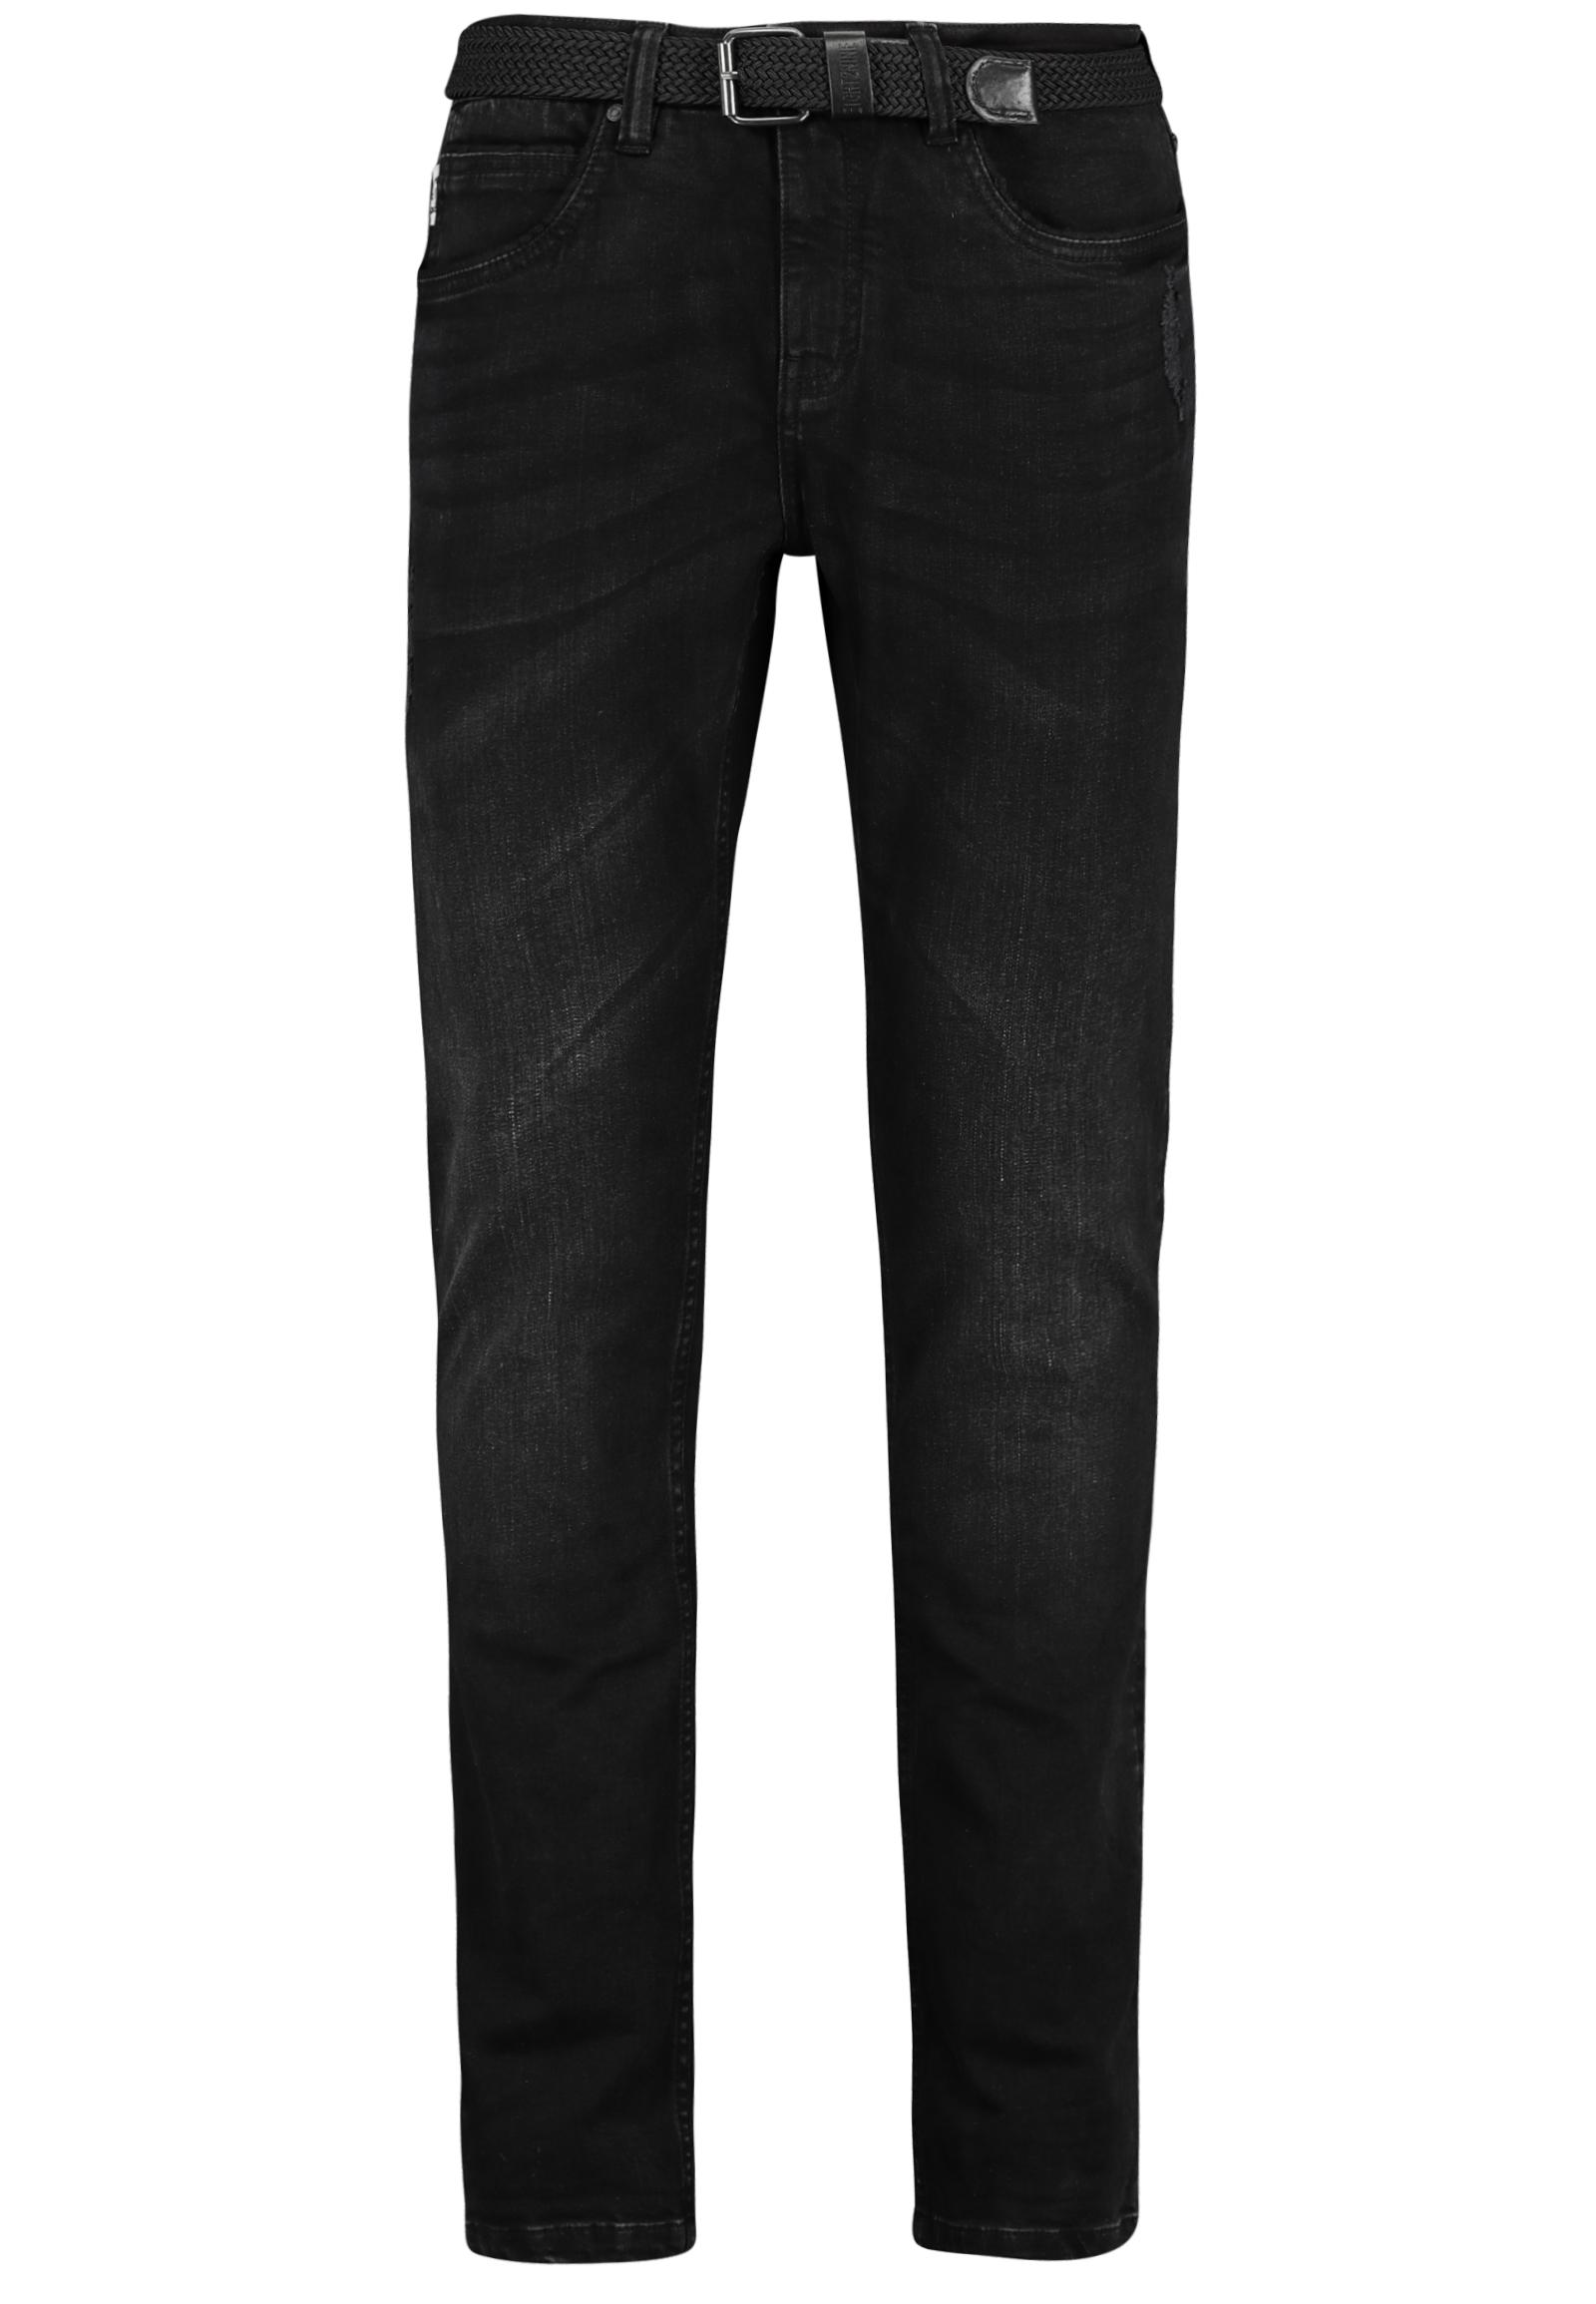 Artikel klicken und genauer betrachten! - Schwarze Herren Jeans mit Gürtel bei FASHION5 ★ GÜNSTIG ✔ BEI DIR IN 1-3 WERKTAGEN ✔ KOSTENLOSE RÜCKSENDUNG | im Online Shop kaufen